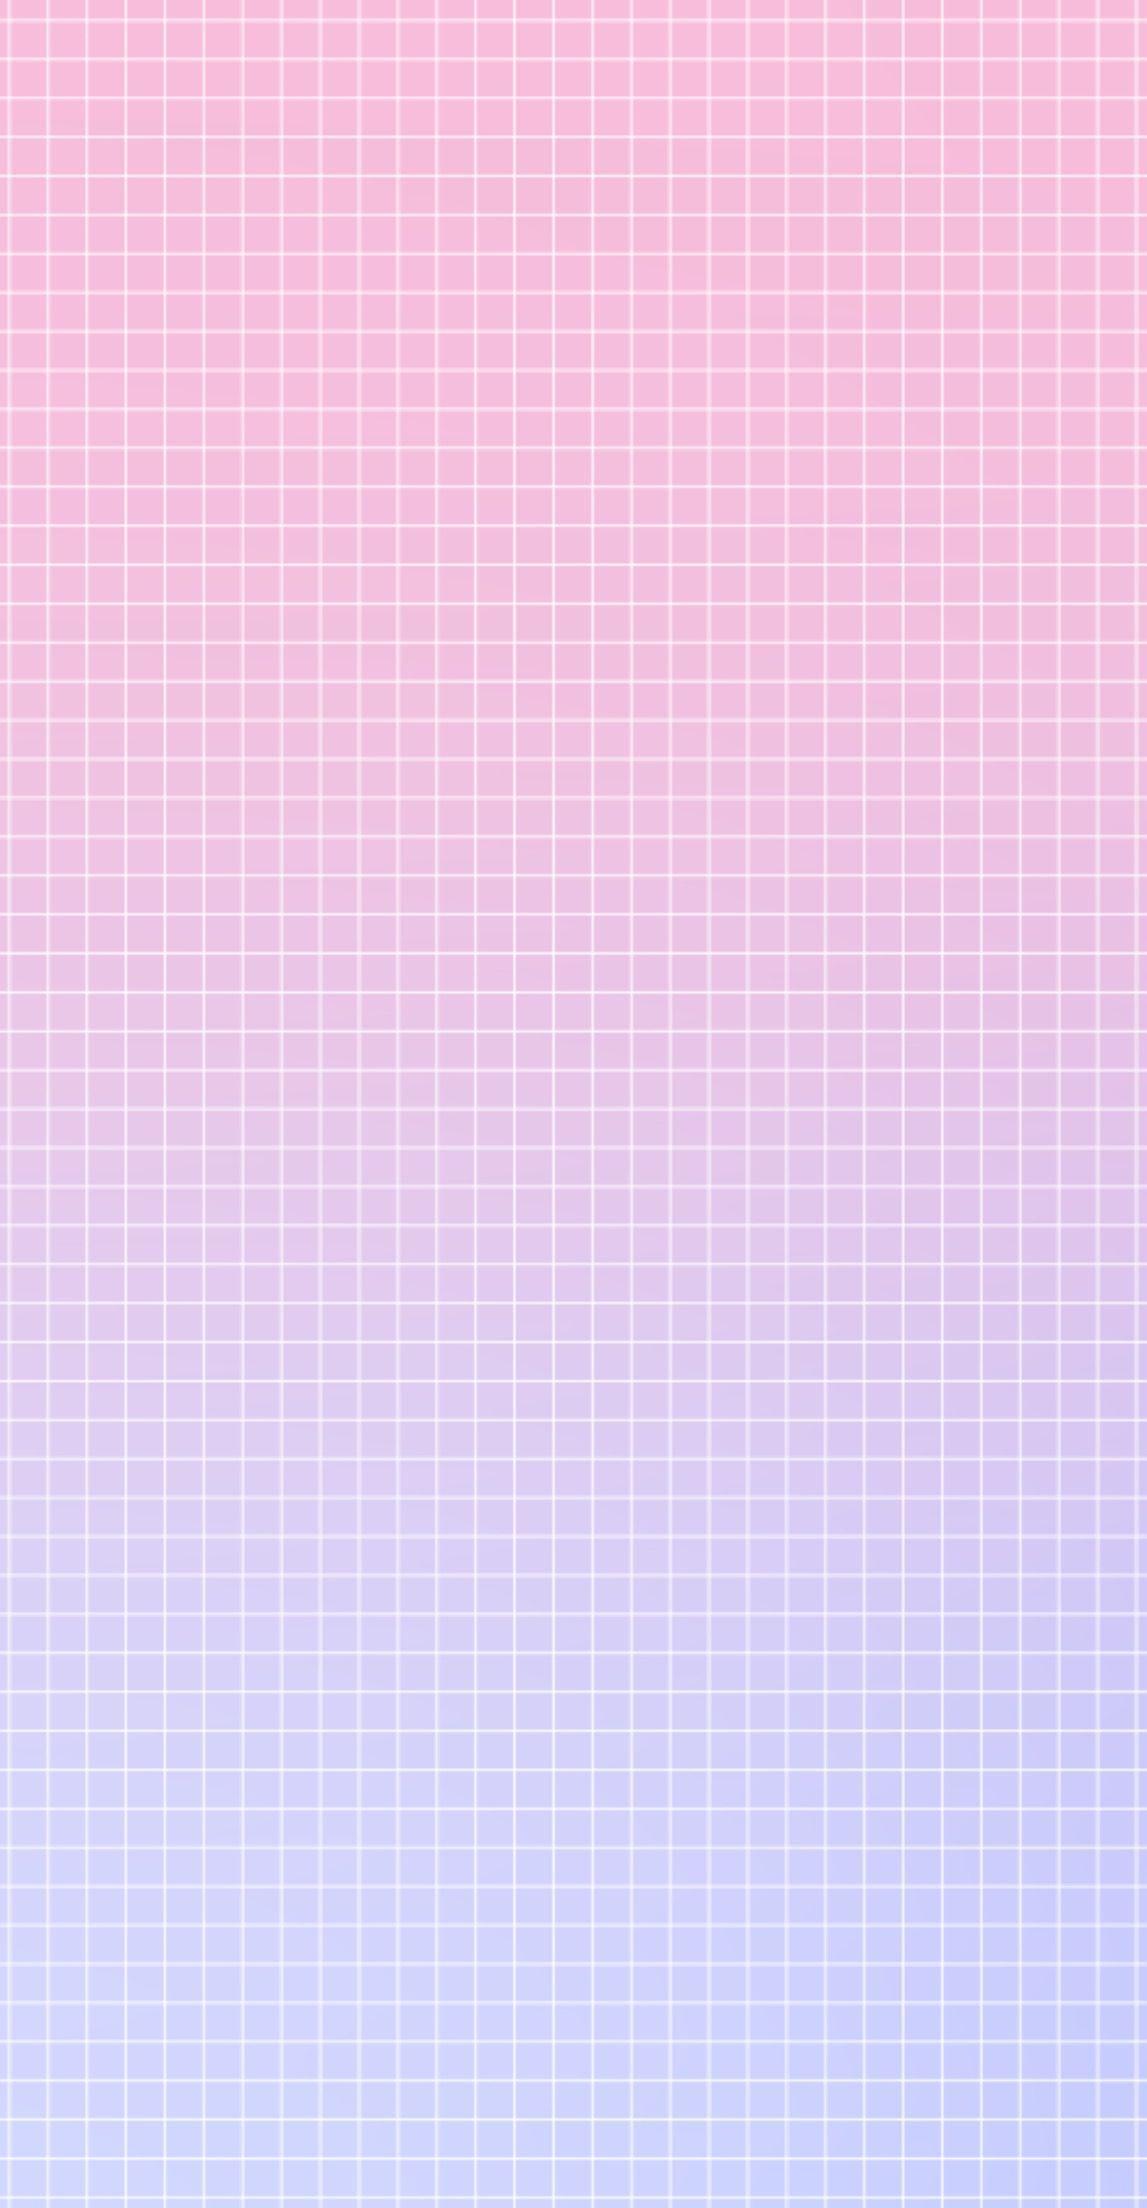 pink aesthetic background kotak kotak pink